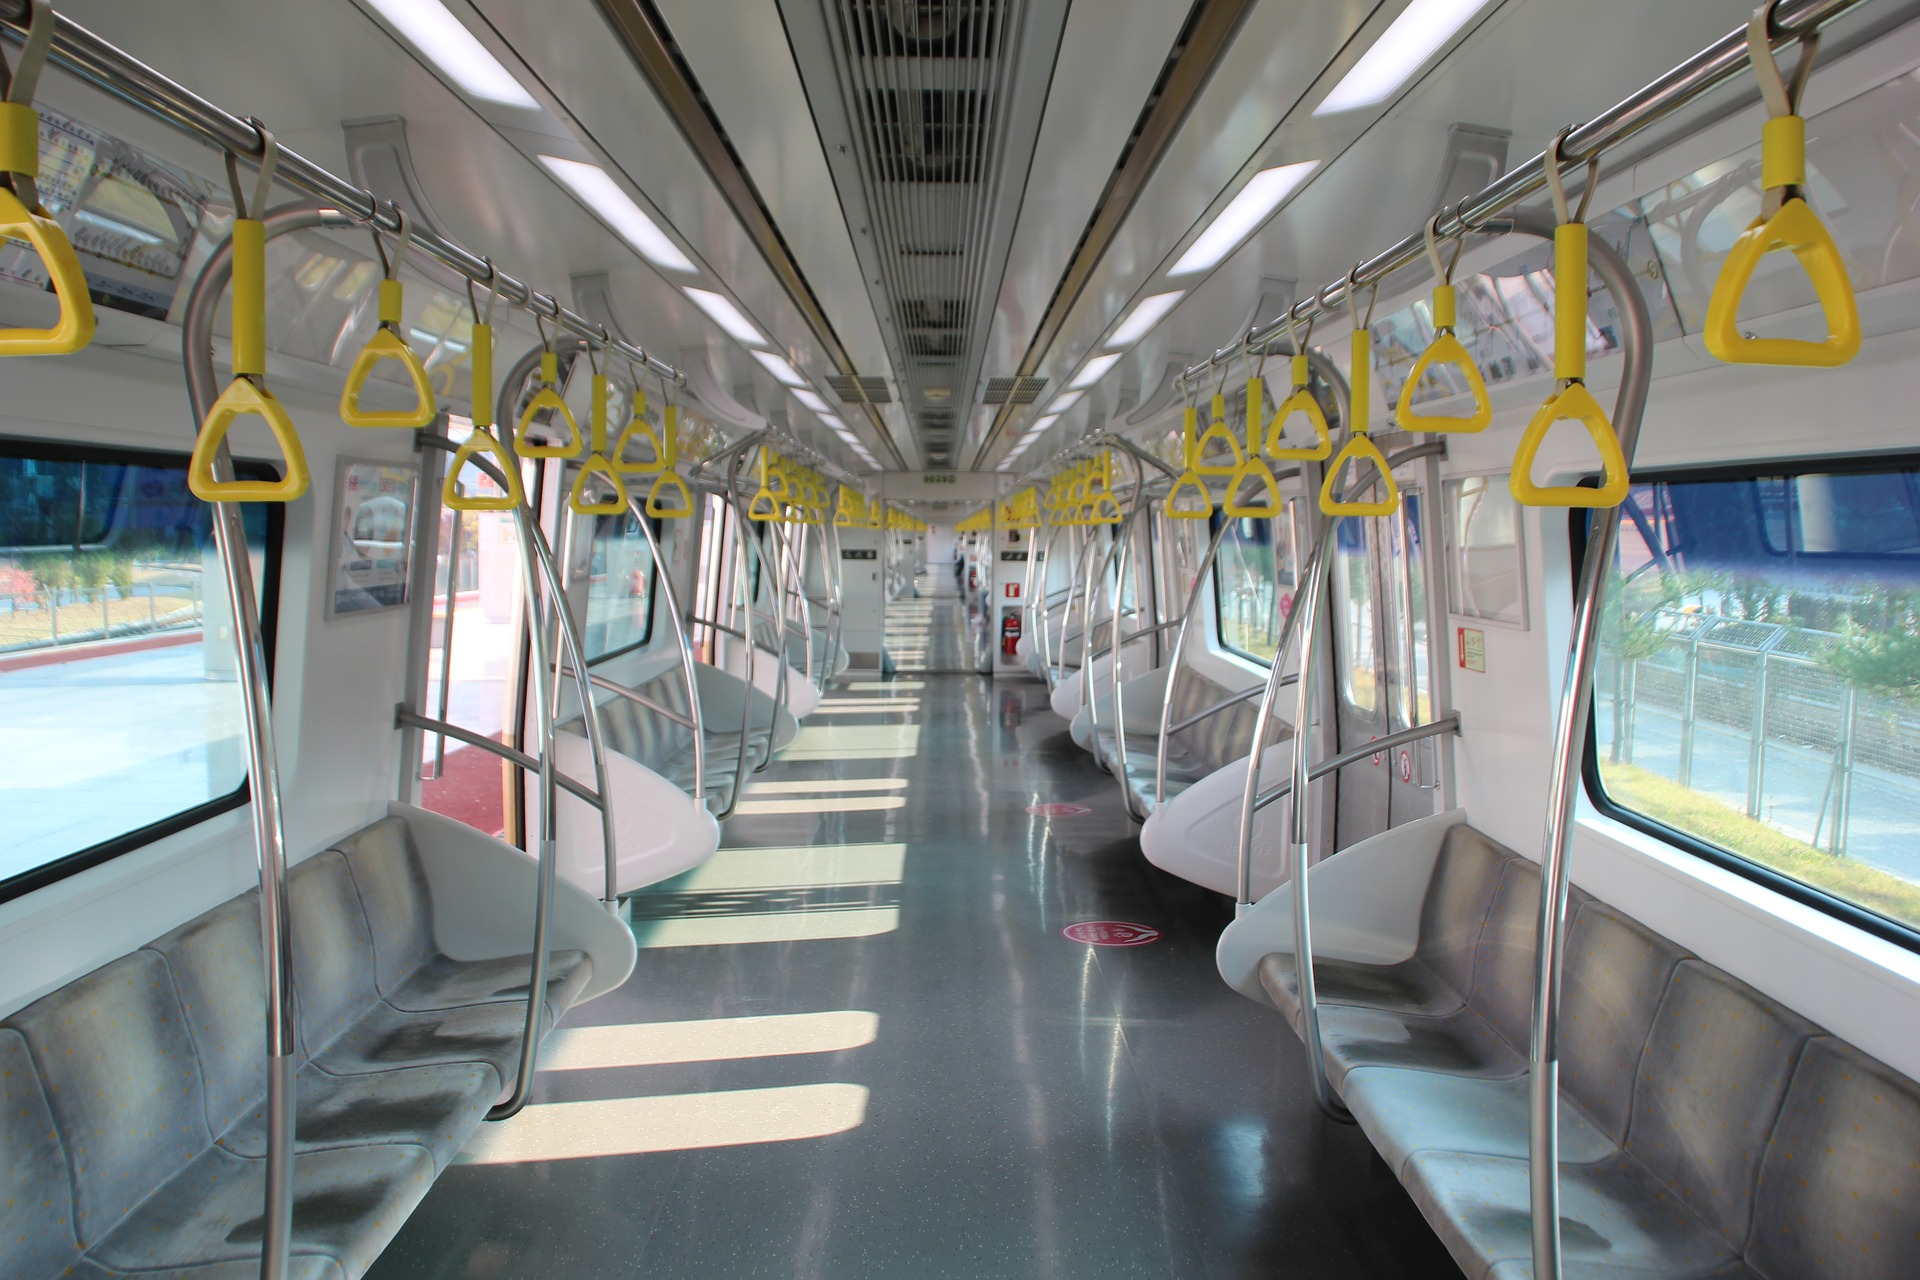 電車通勤のストレス解消法5選【座れれば勝ち】